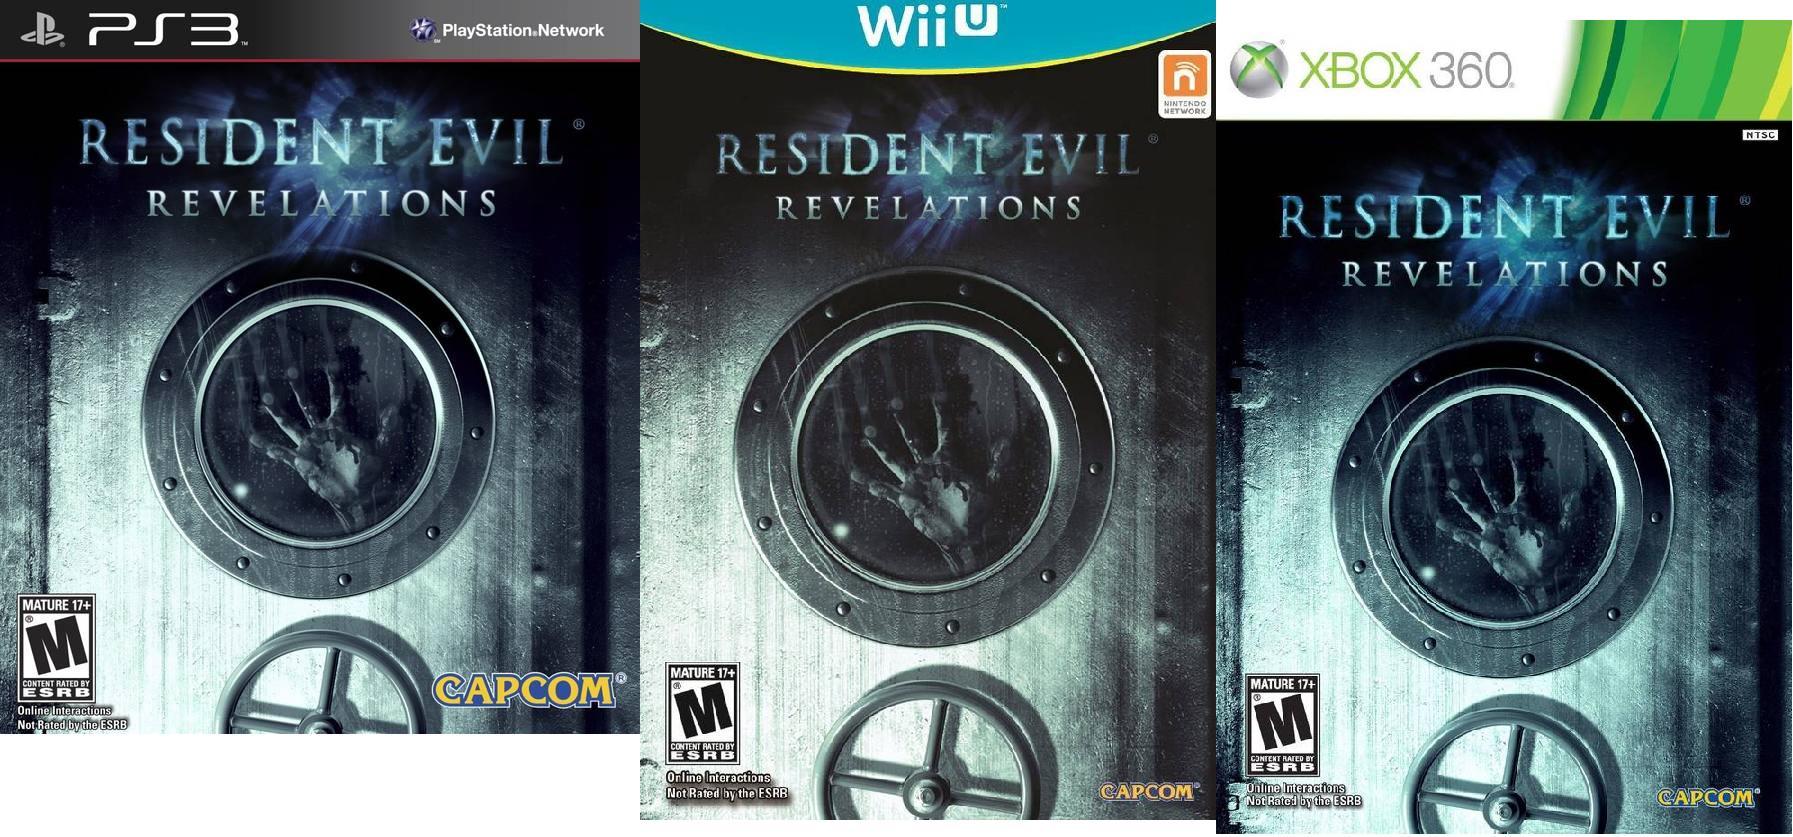 resident evil revelations - consoles